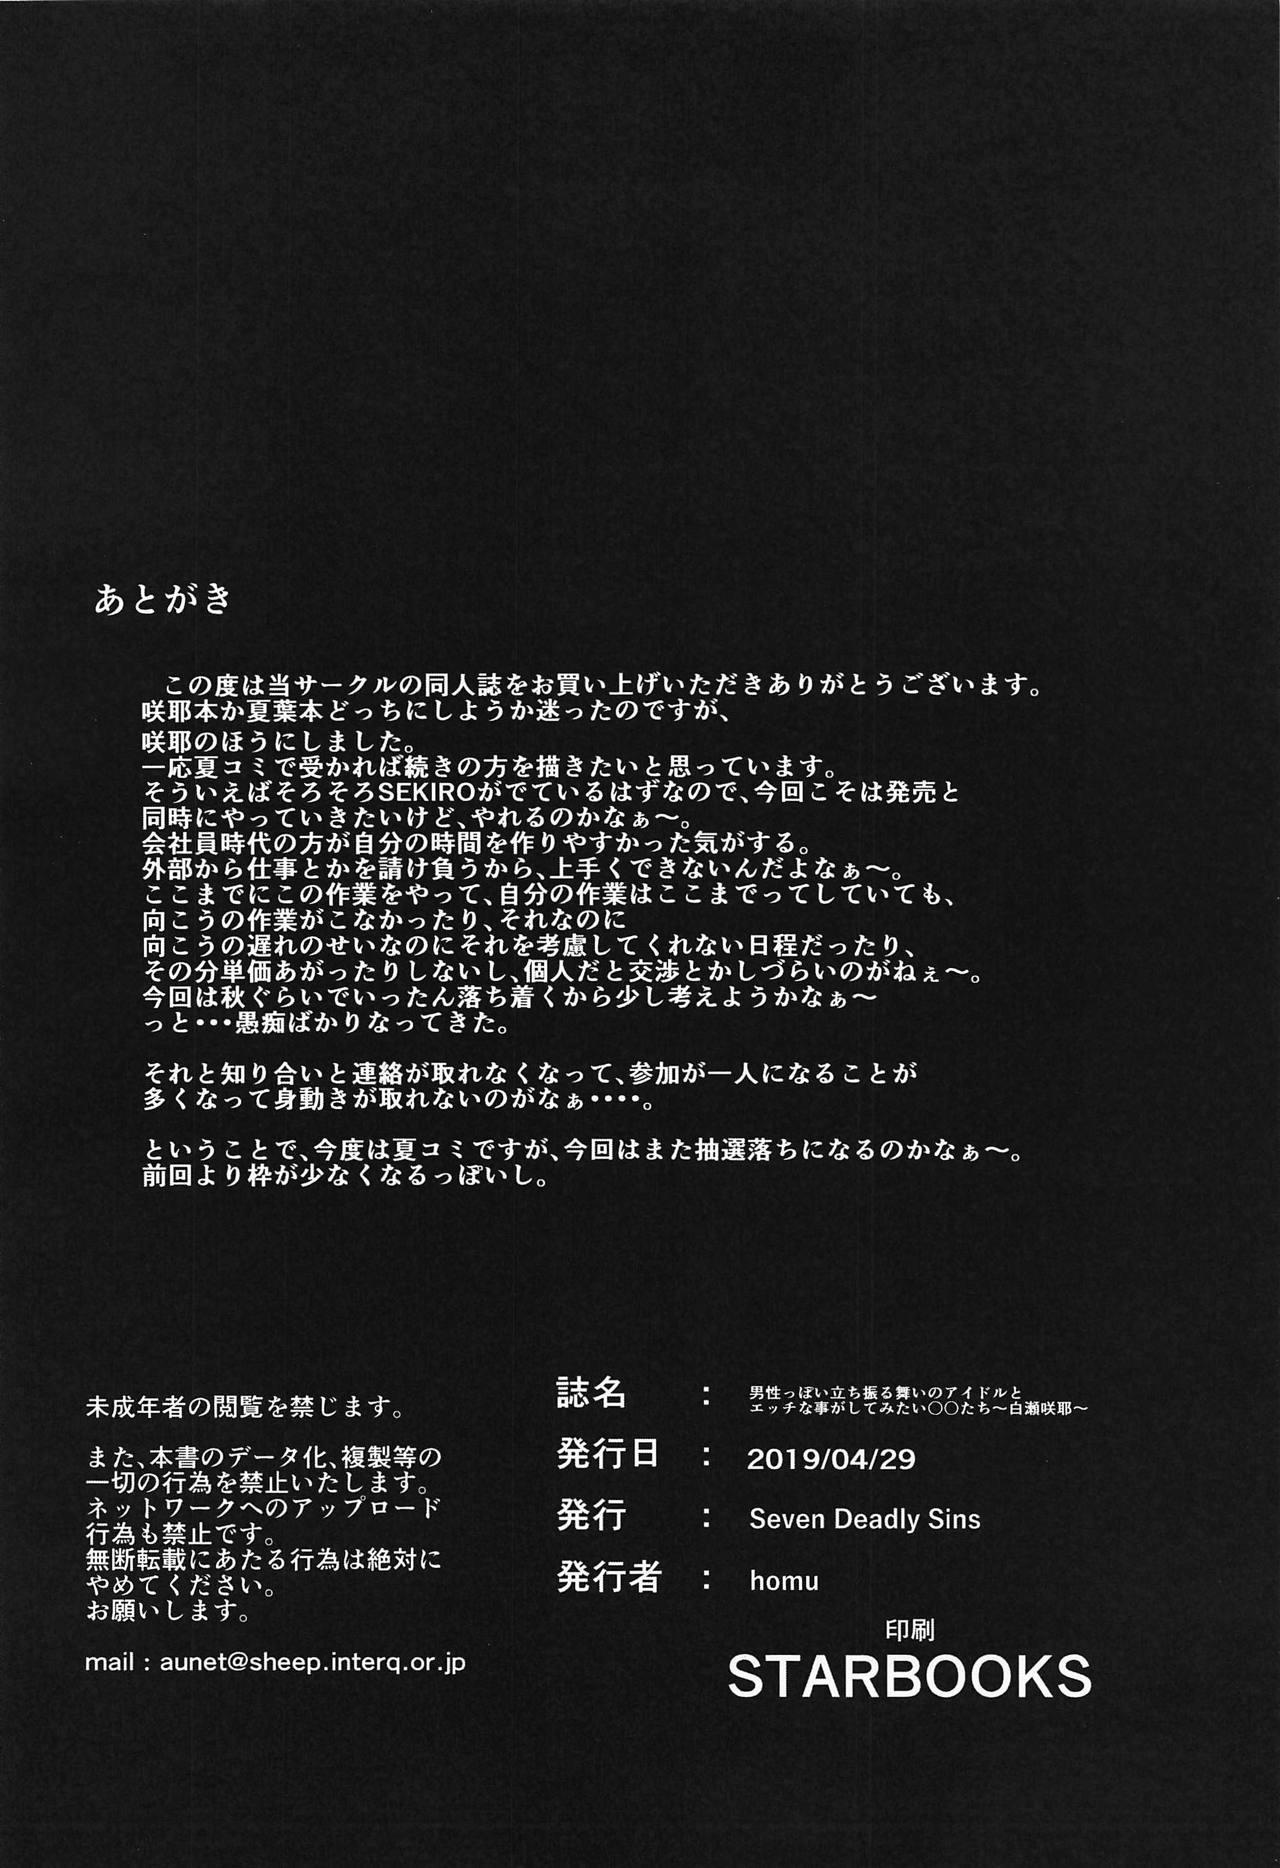 (COMIC1☆15) [Seven Deadly Sins (homu)] Dansei-ppoi Tachifurumai no Idol to Ecchi na Koto ga Shite Mitai Shota-tachi ~Shirase Sakuya~ (THE iDOLM@STER: Shiny Colors) 16